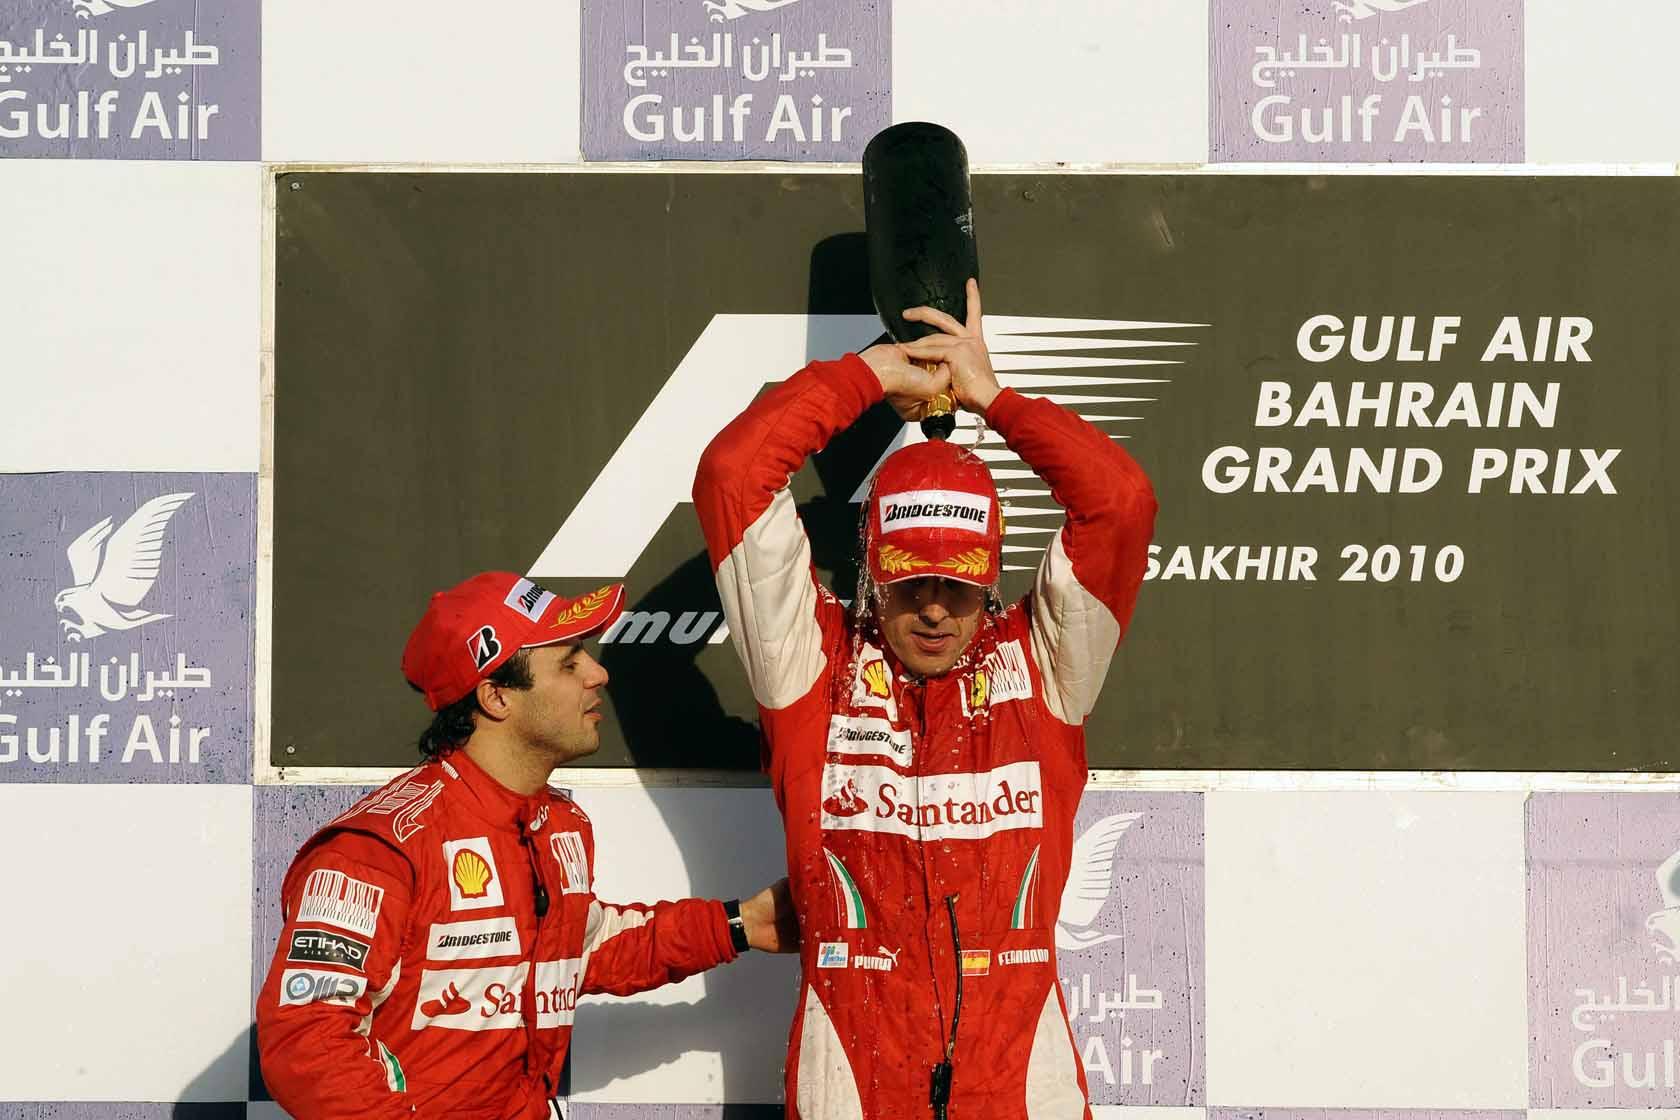 alonso massa bahrain 2010 ferrari podium